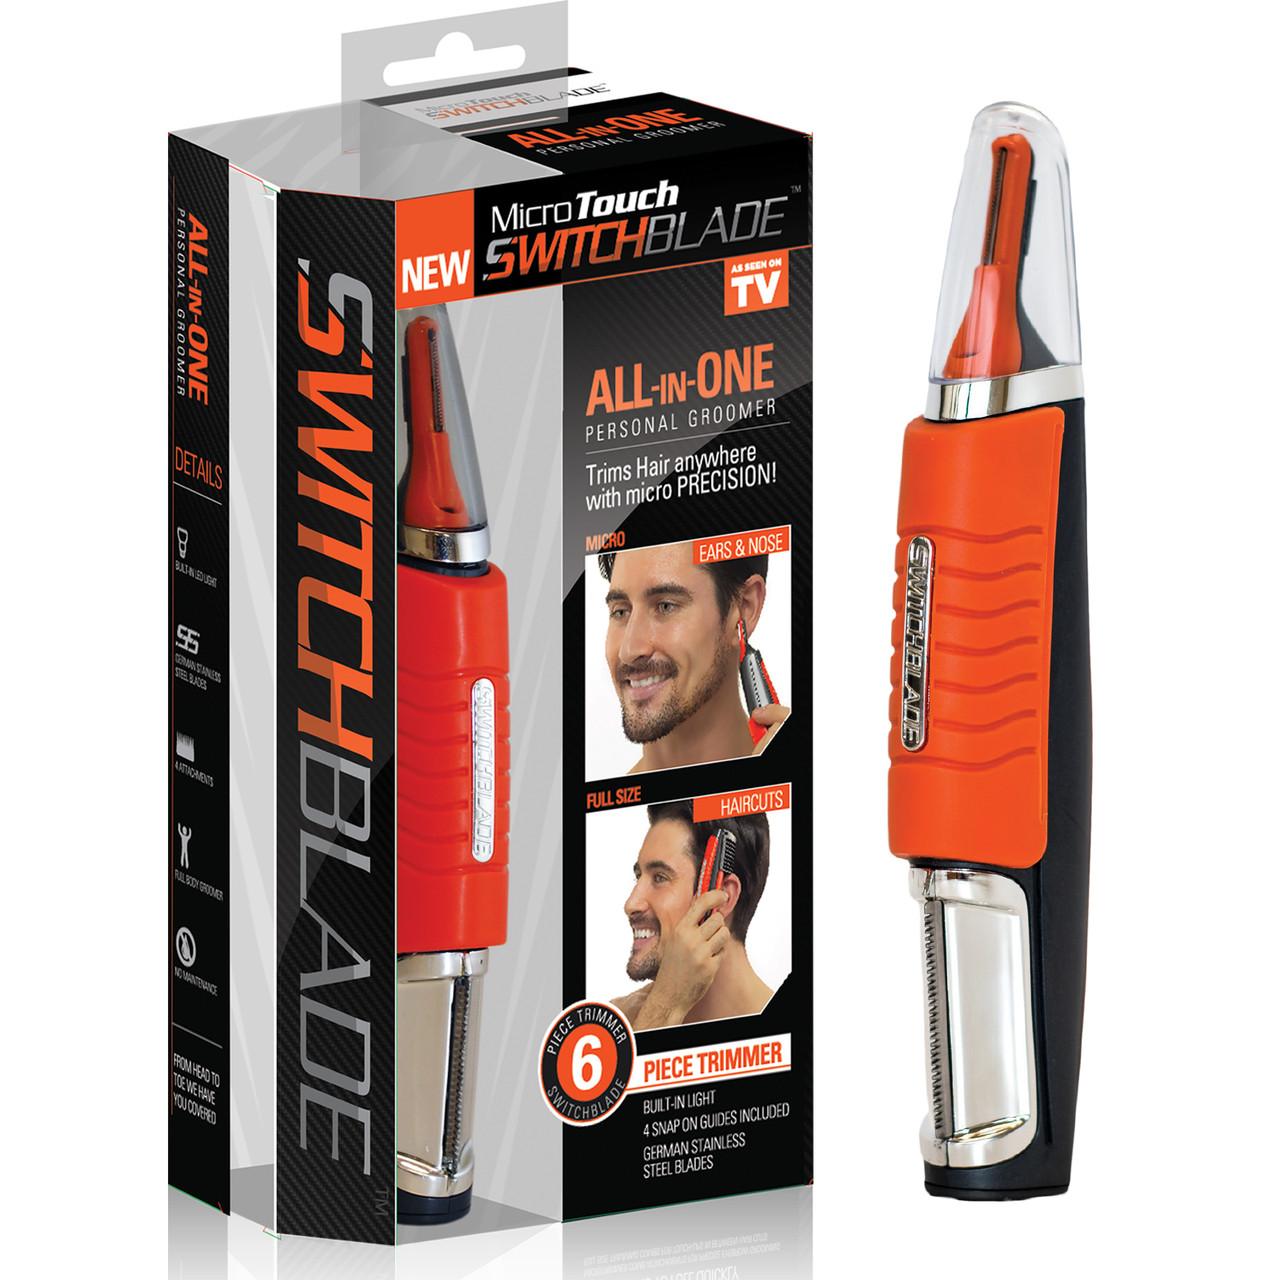 Триммер X Trim Micro Touch Switchblade Черный с оранжевым (006107)